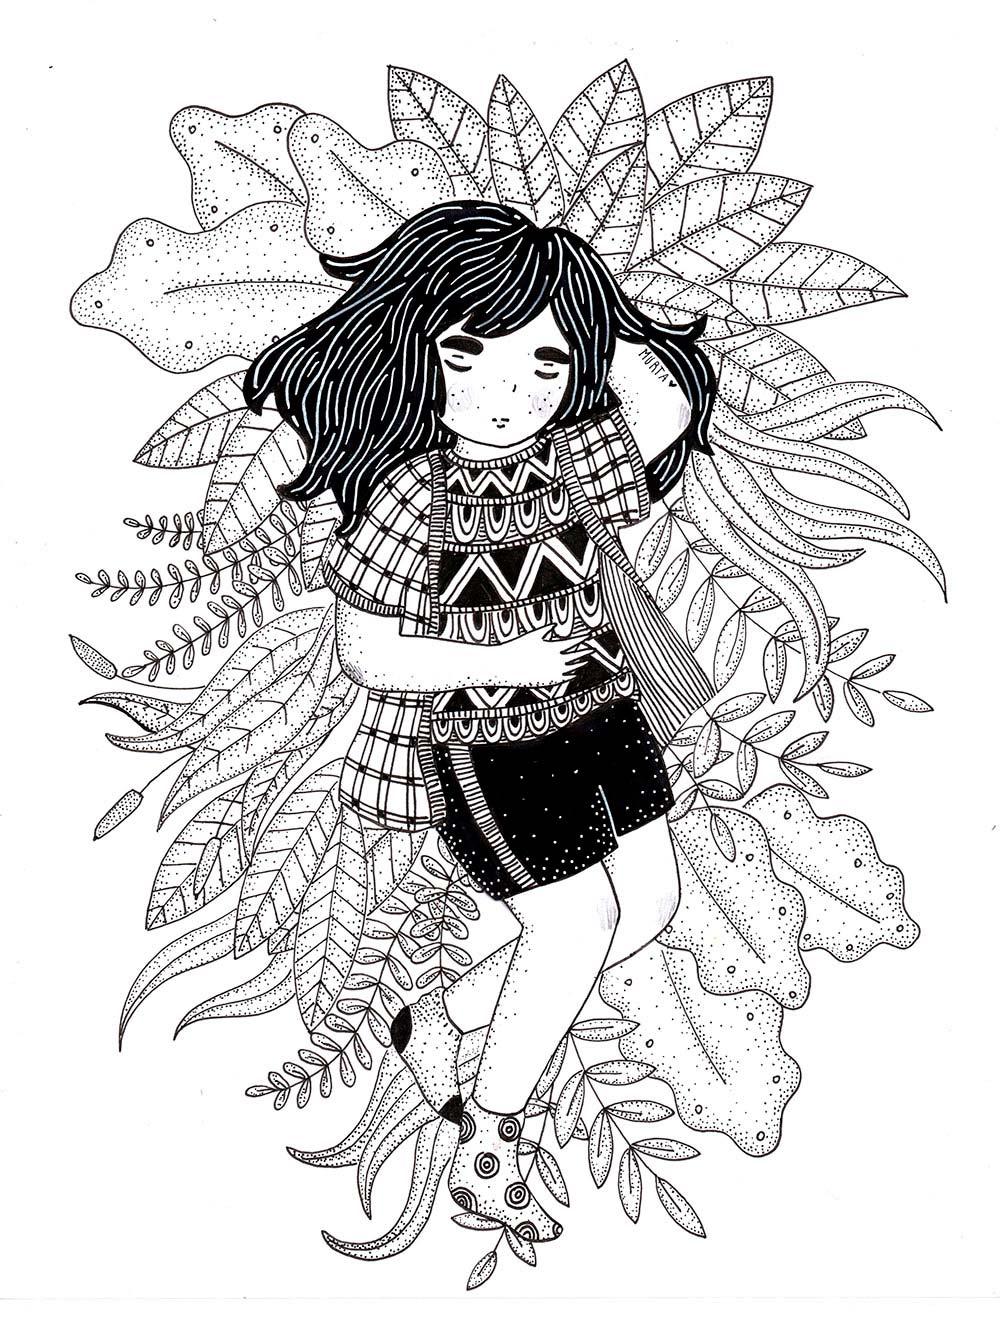 Ilustracion de Murta Serenpidia - Ilustradores chilenos por 2Design Blog